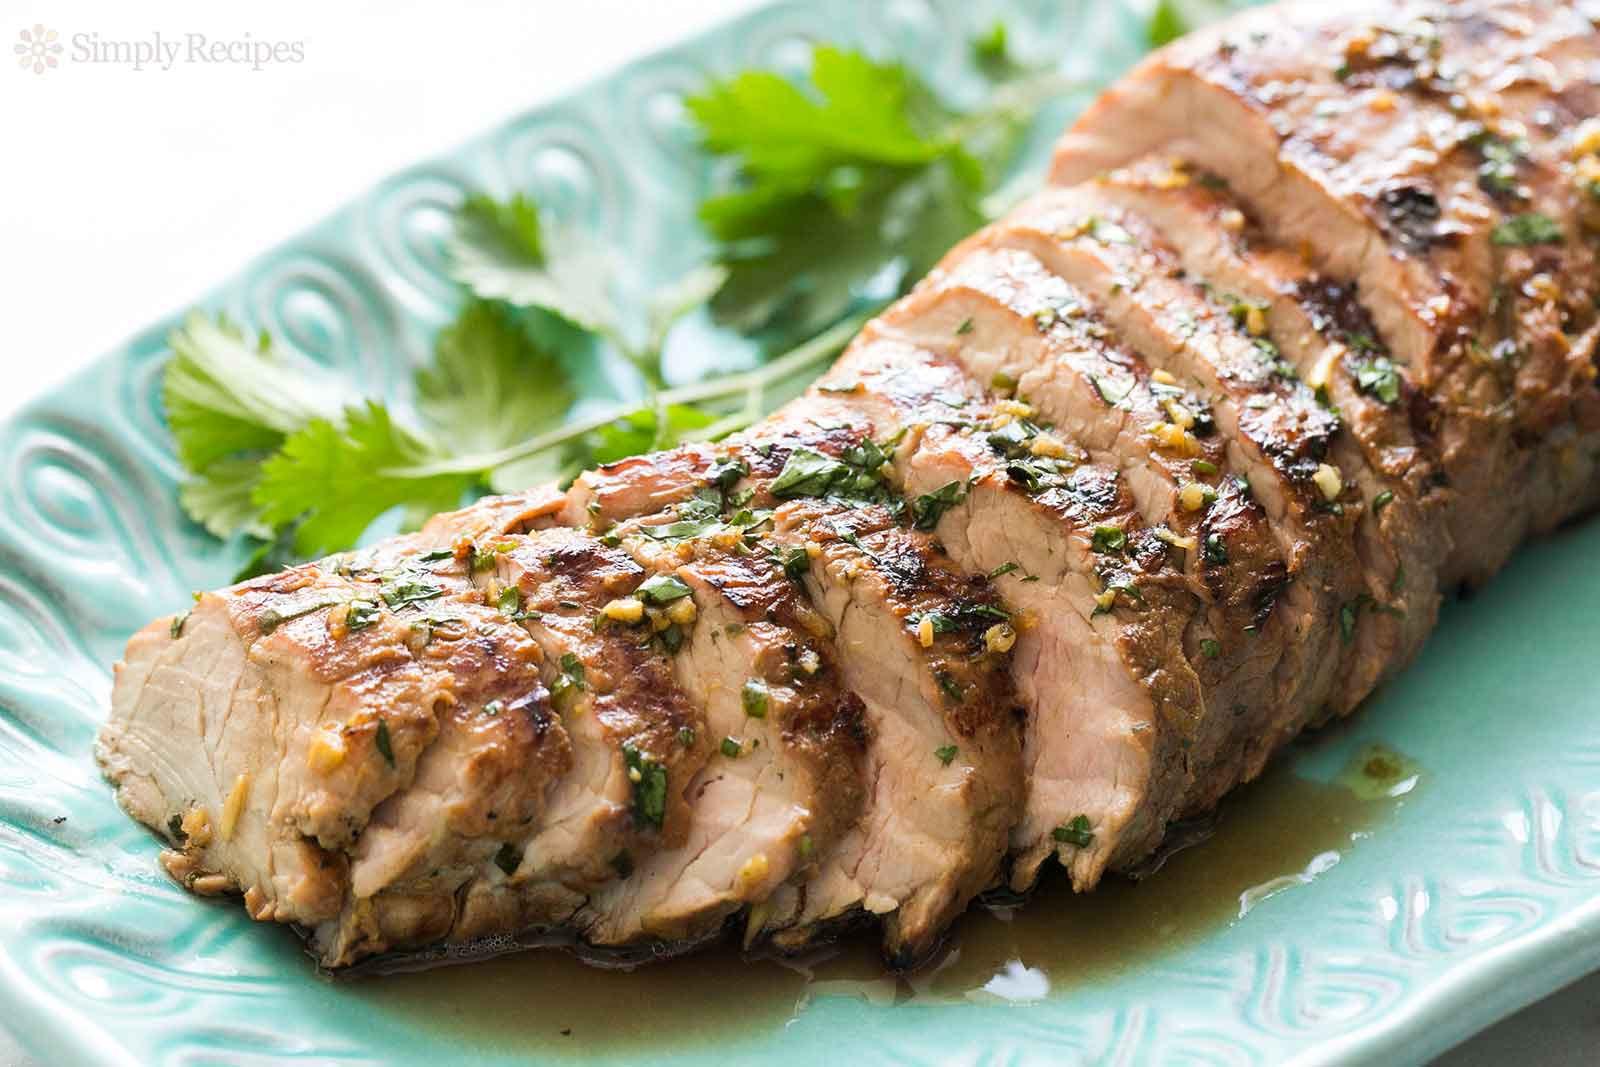 Pork Tenderloin Recipes  Grilled Ginger Sesame Pork Tenderloin Recipe